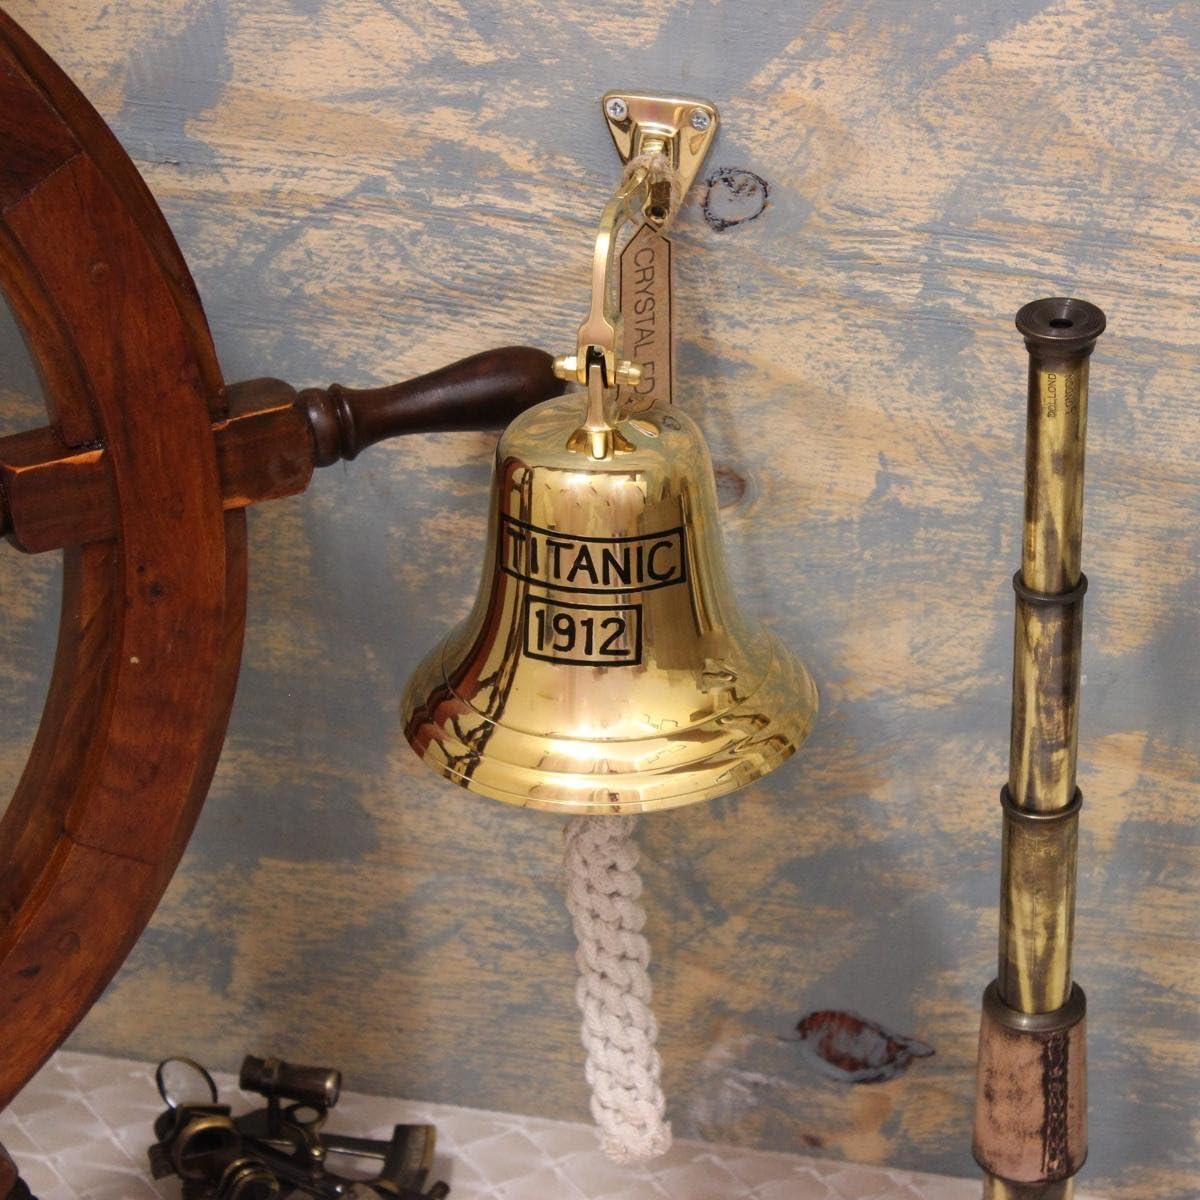 6  complet Laiton TITANIC cloche avec support et corde pour sonnante